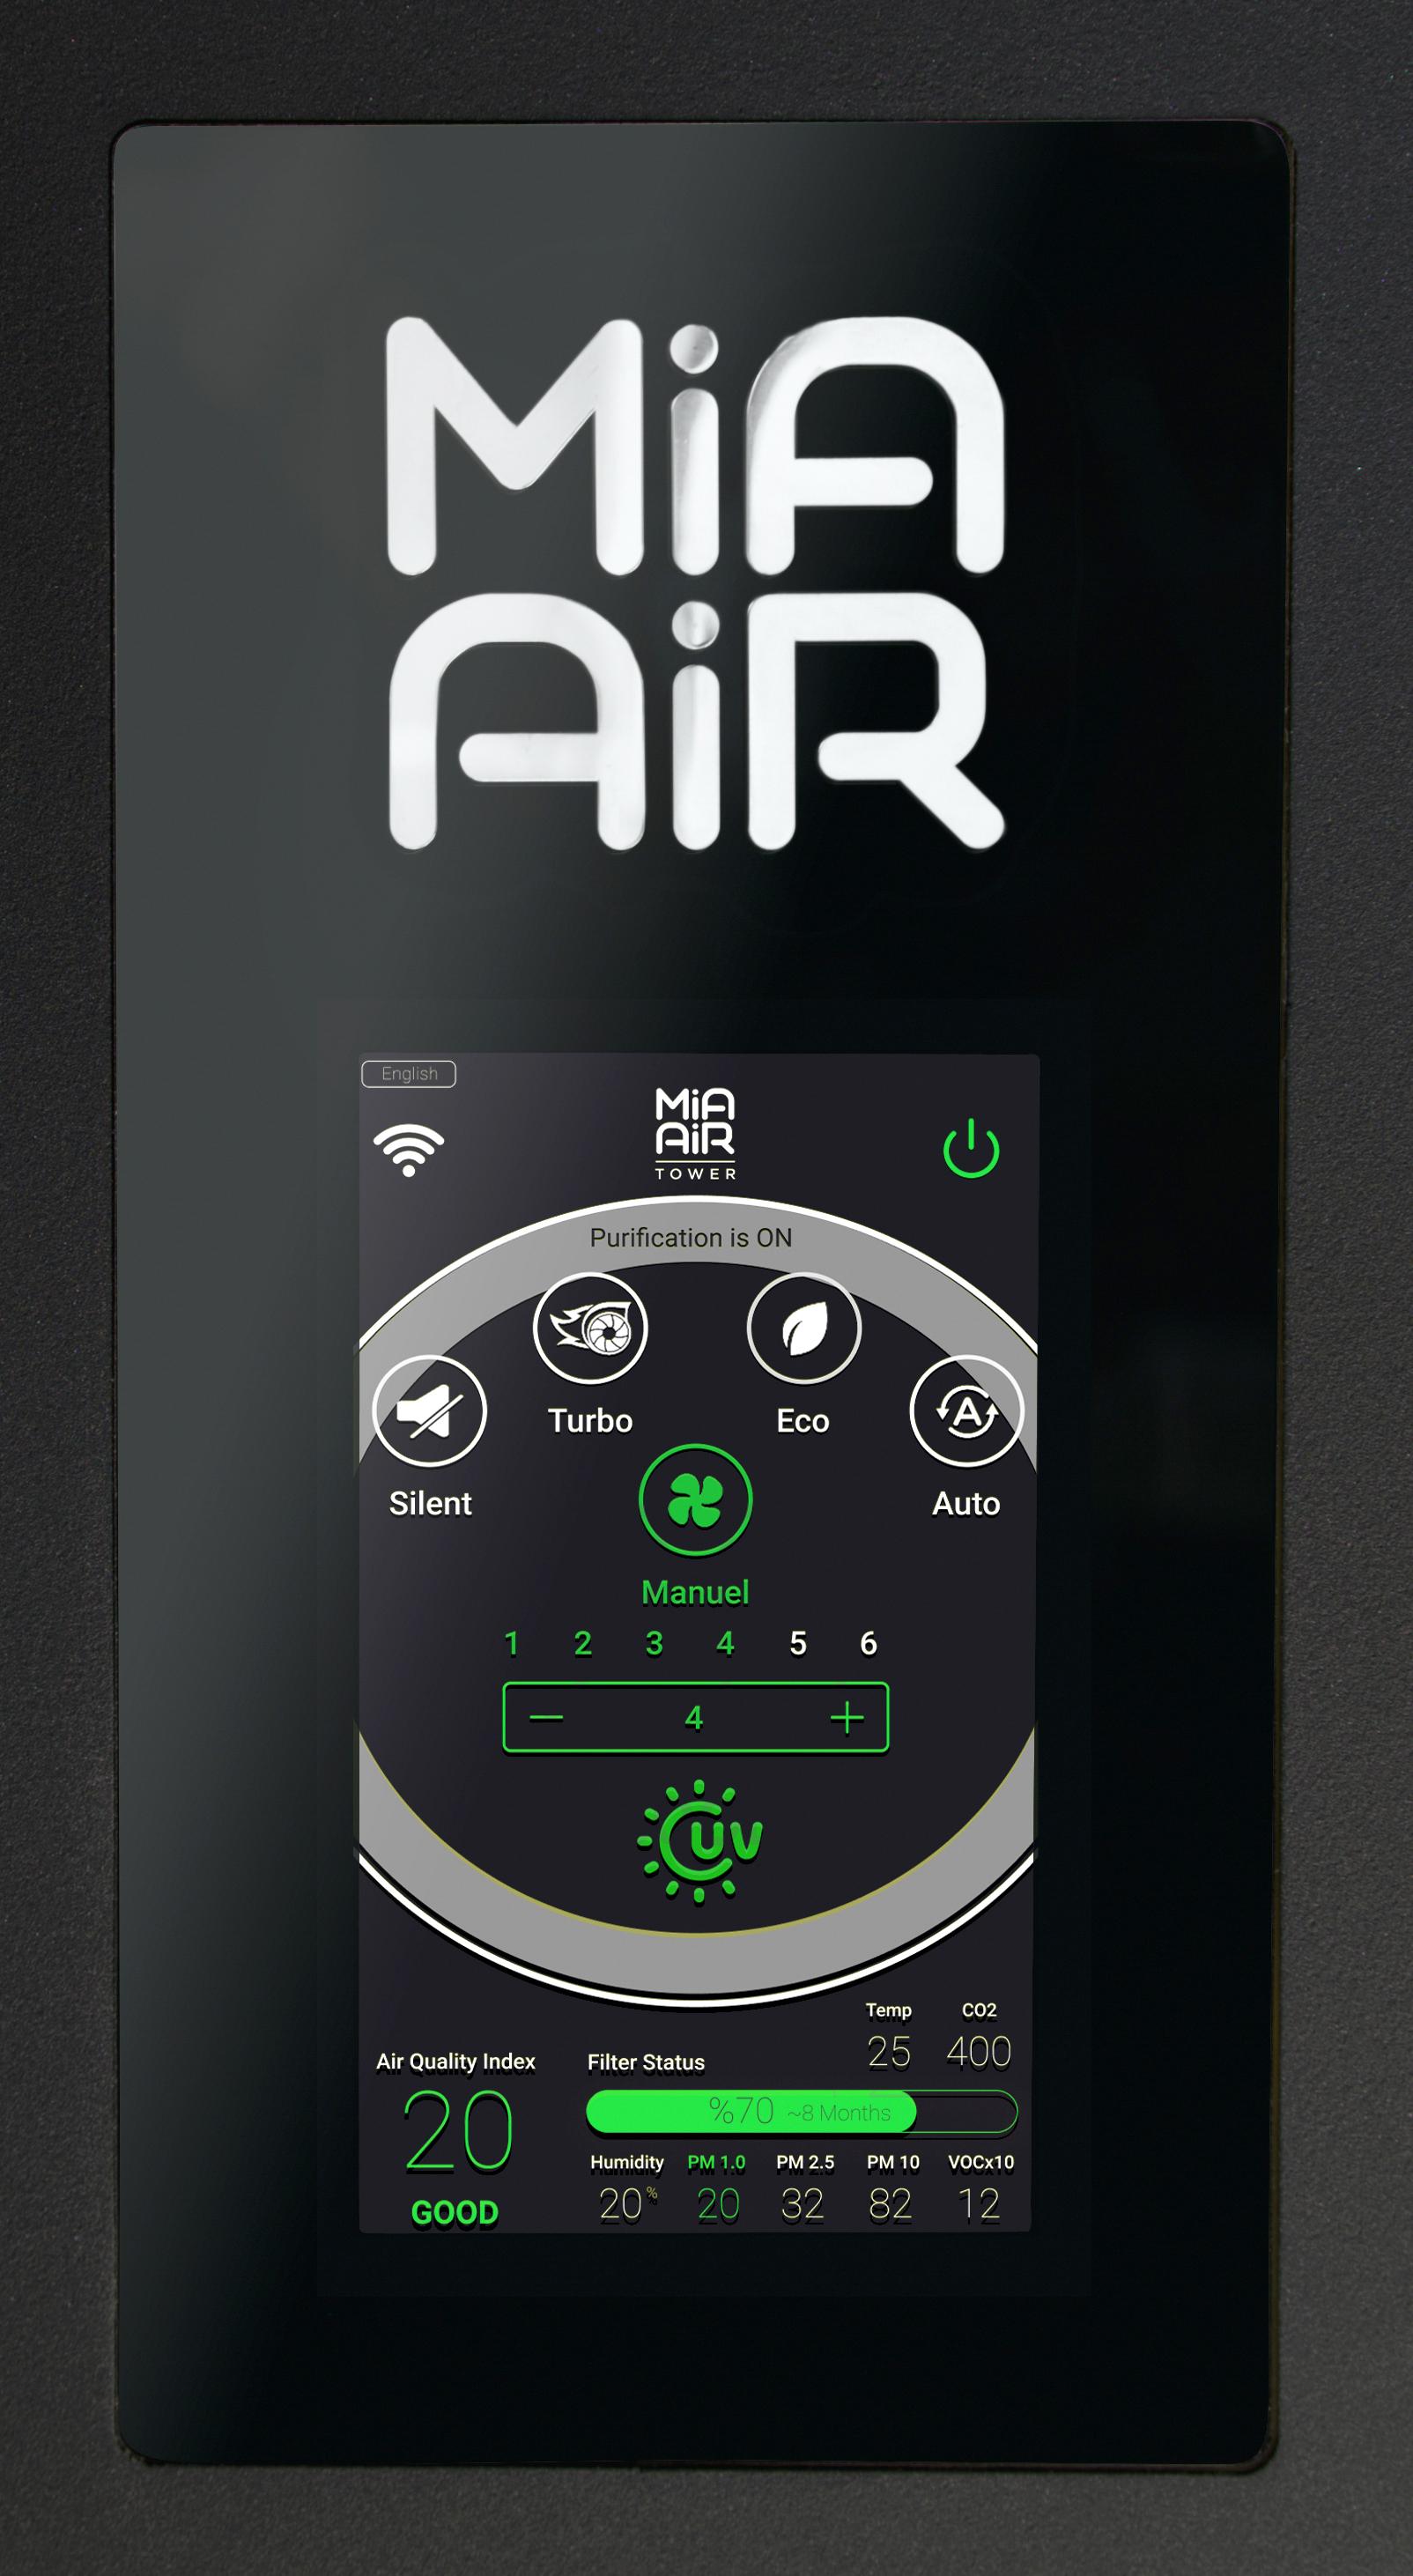 Mia Air Tower Display Hauptmenü